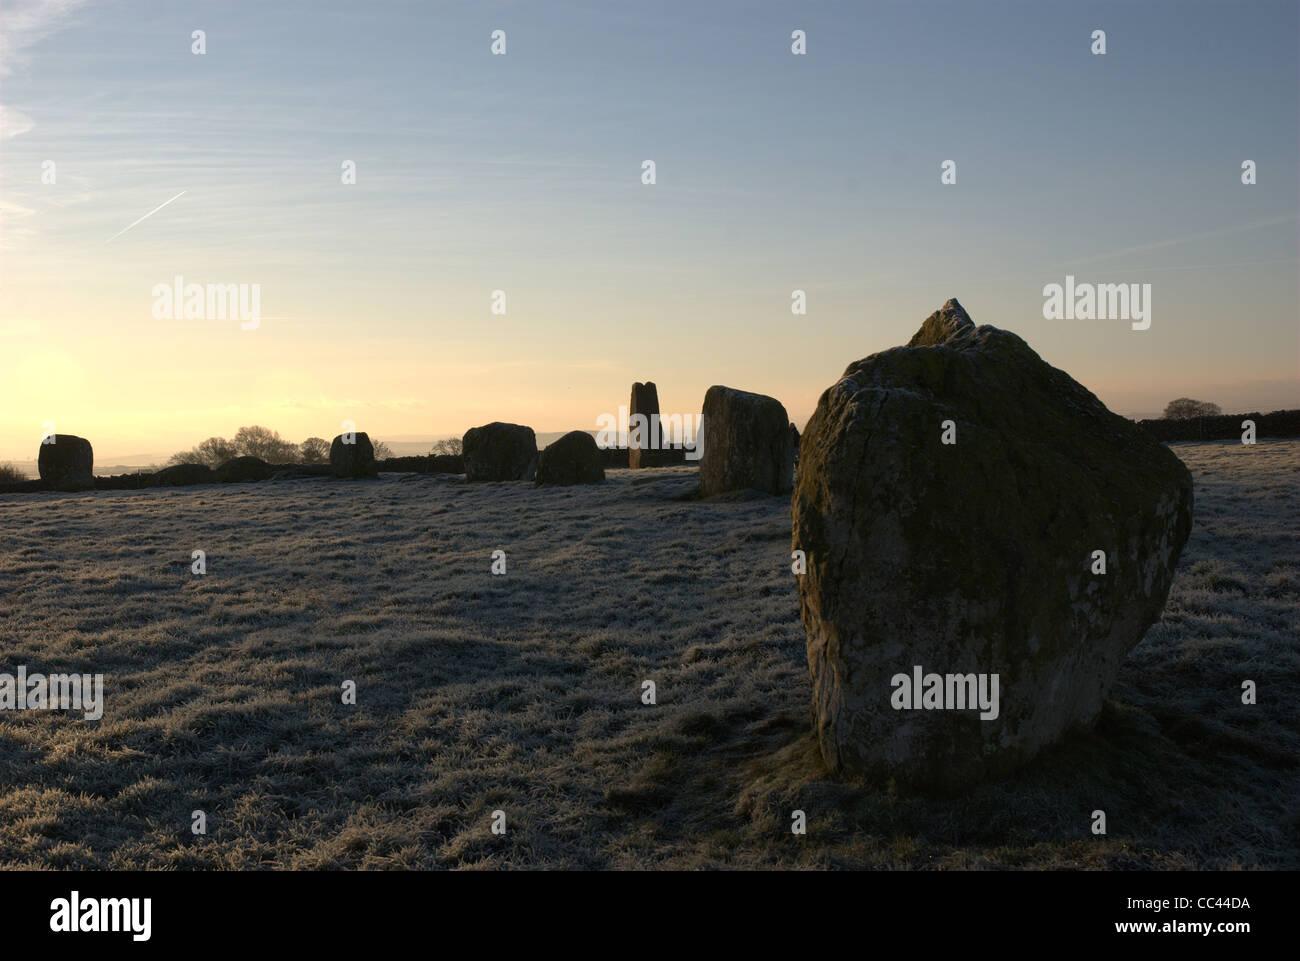 Long meg neolithic stone circle - Stock Image